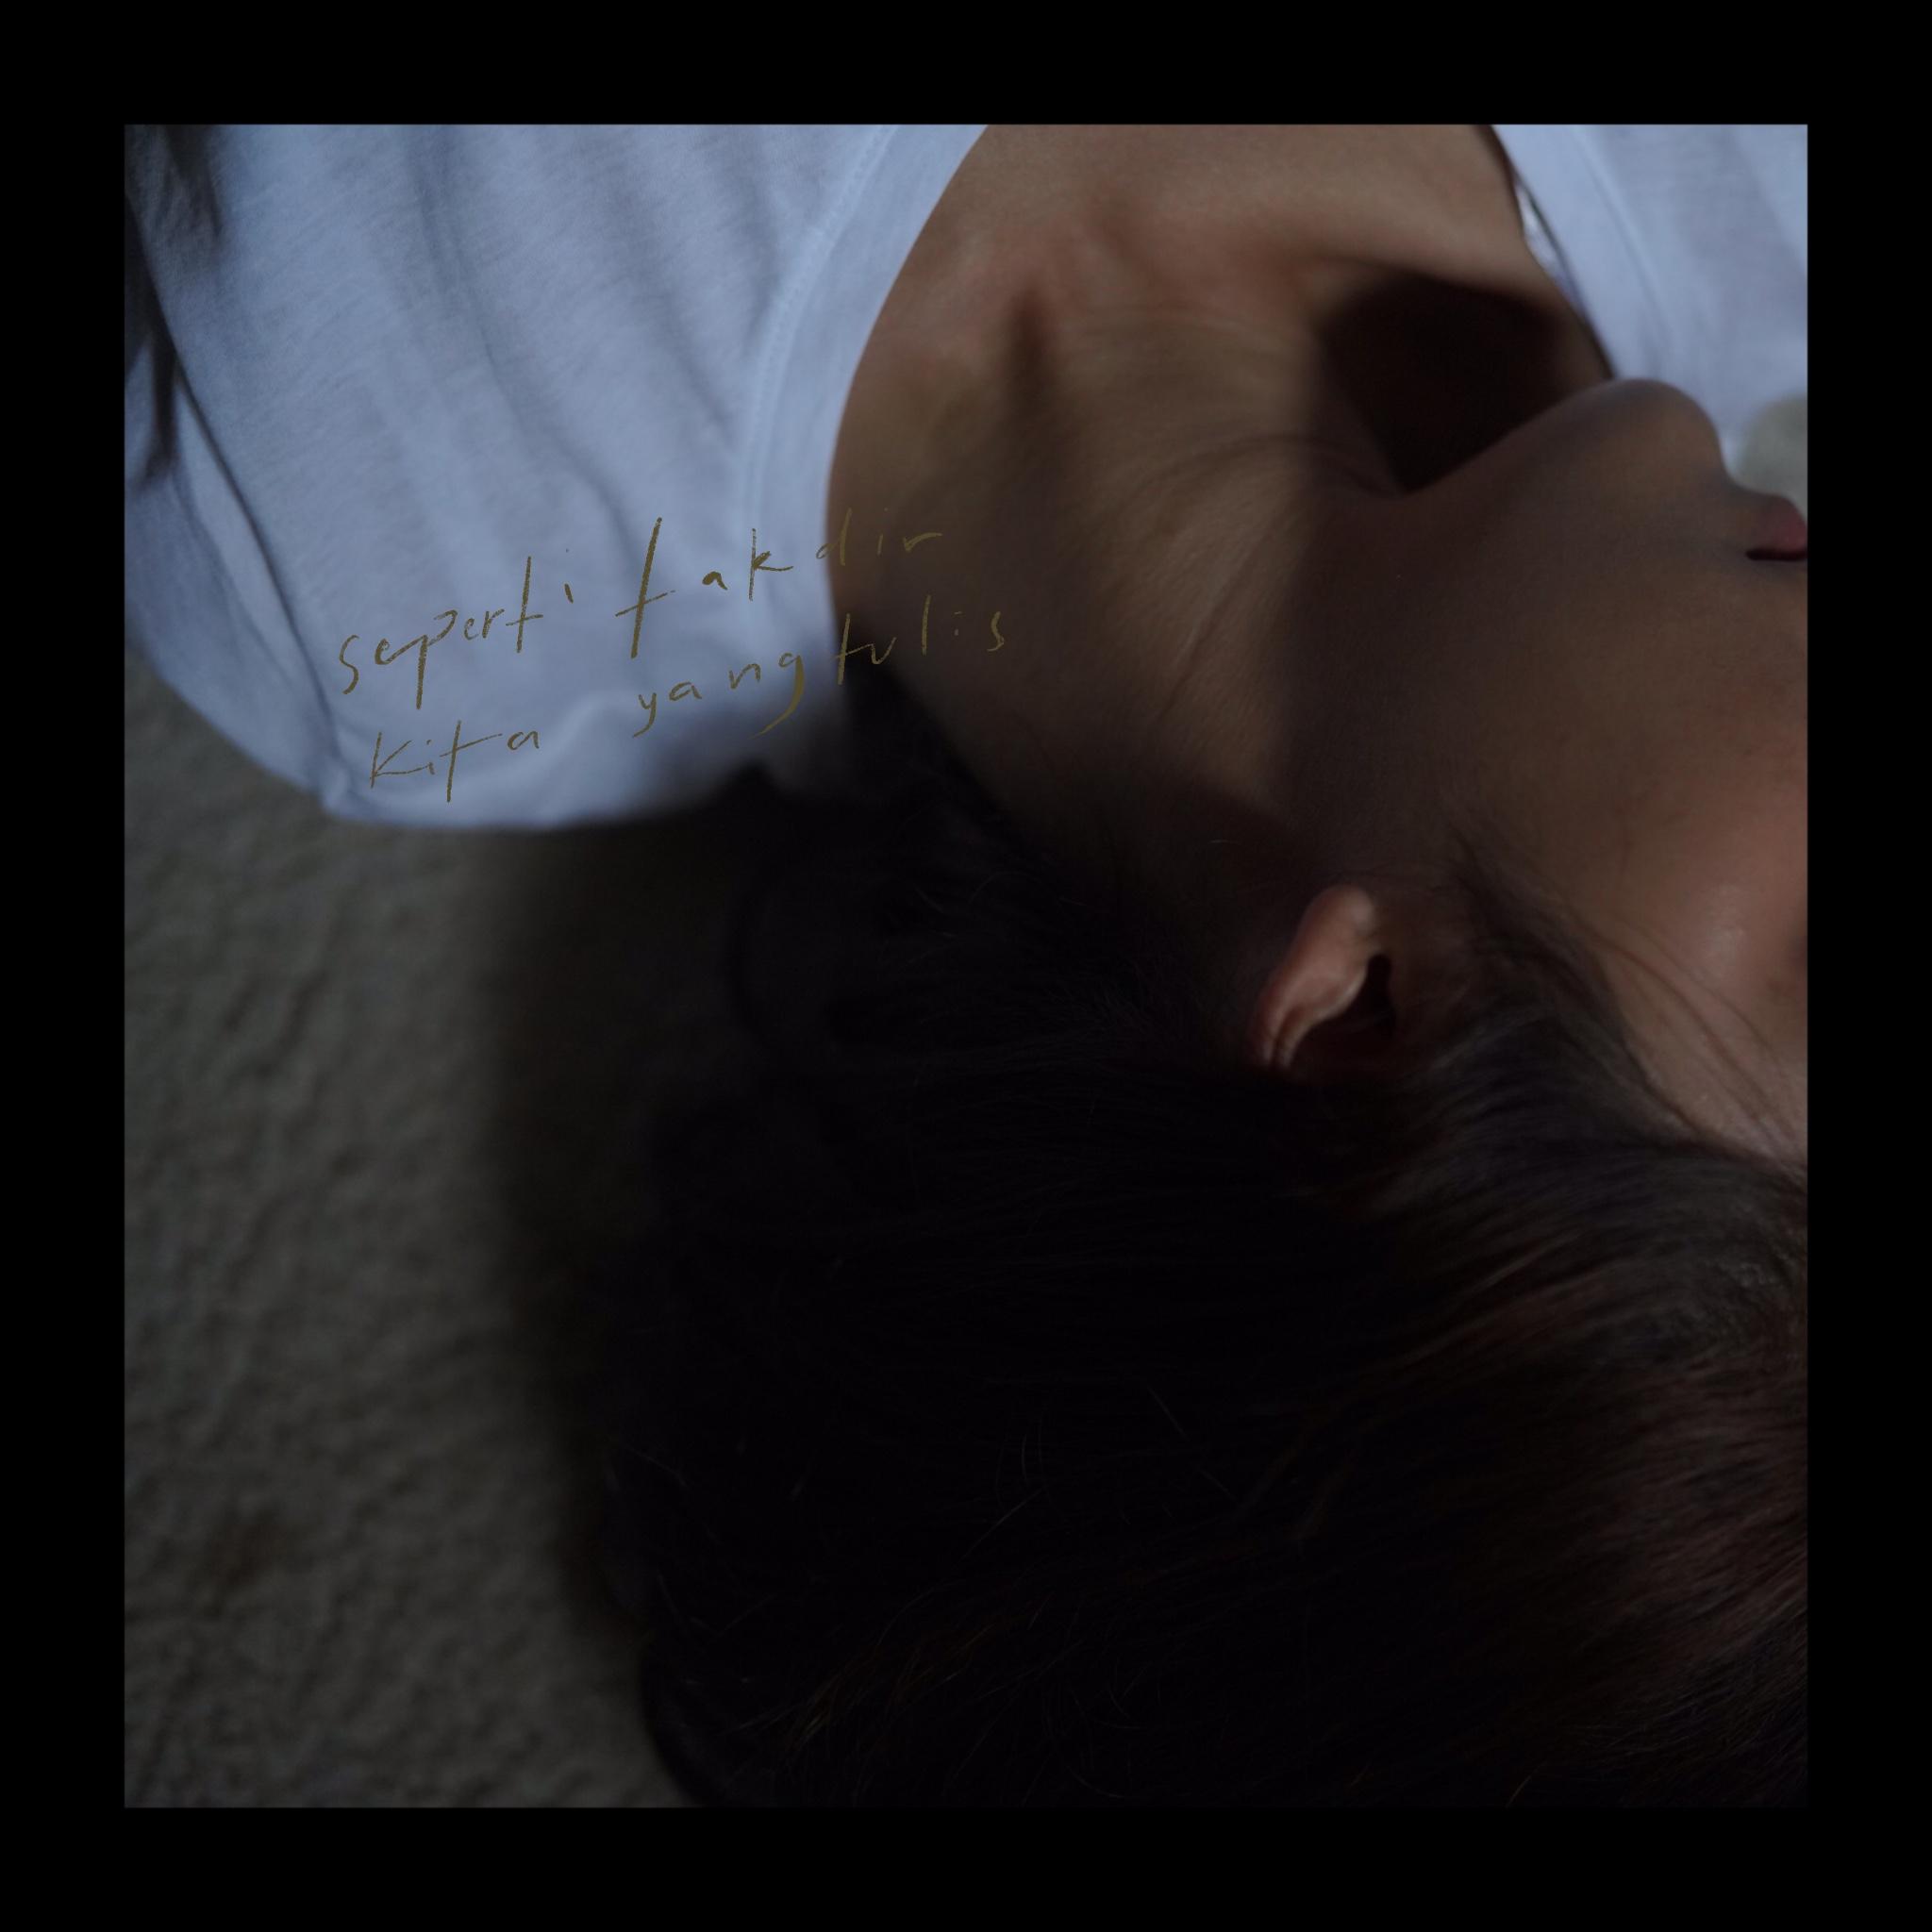 Nadin Amizah Merilis Lagu Terbaru Berjudul, 'Seperti Takdir Kita Yang Tulis'